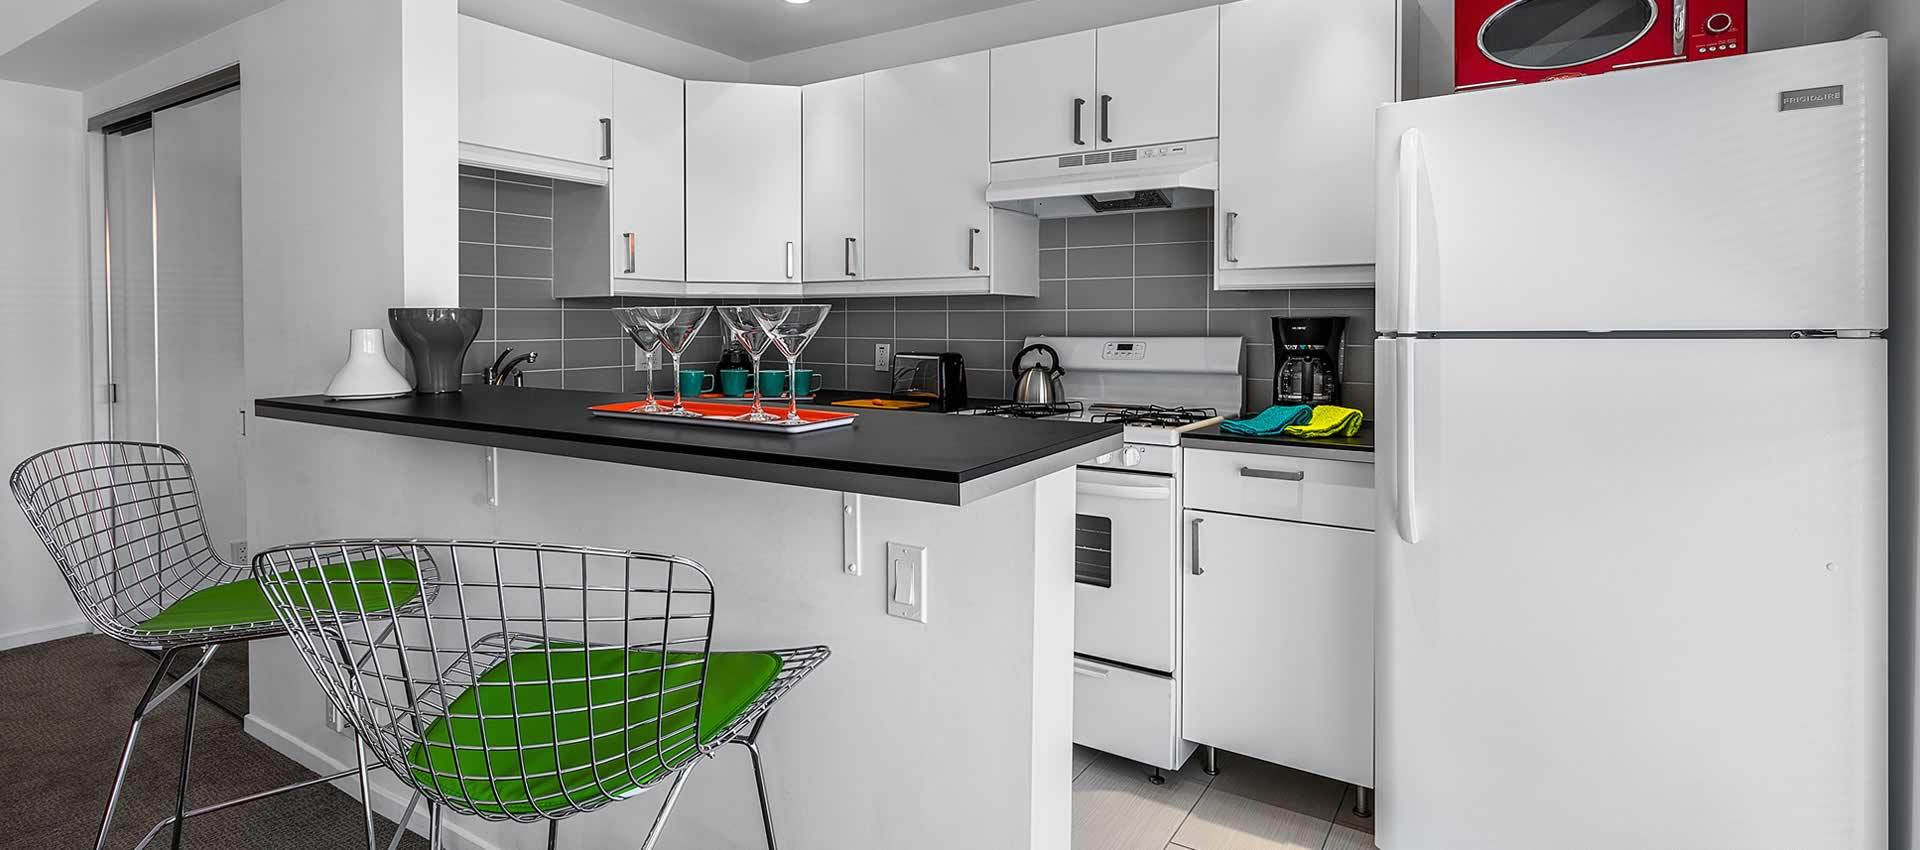 twist-hotel-room221-kitchen